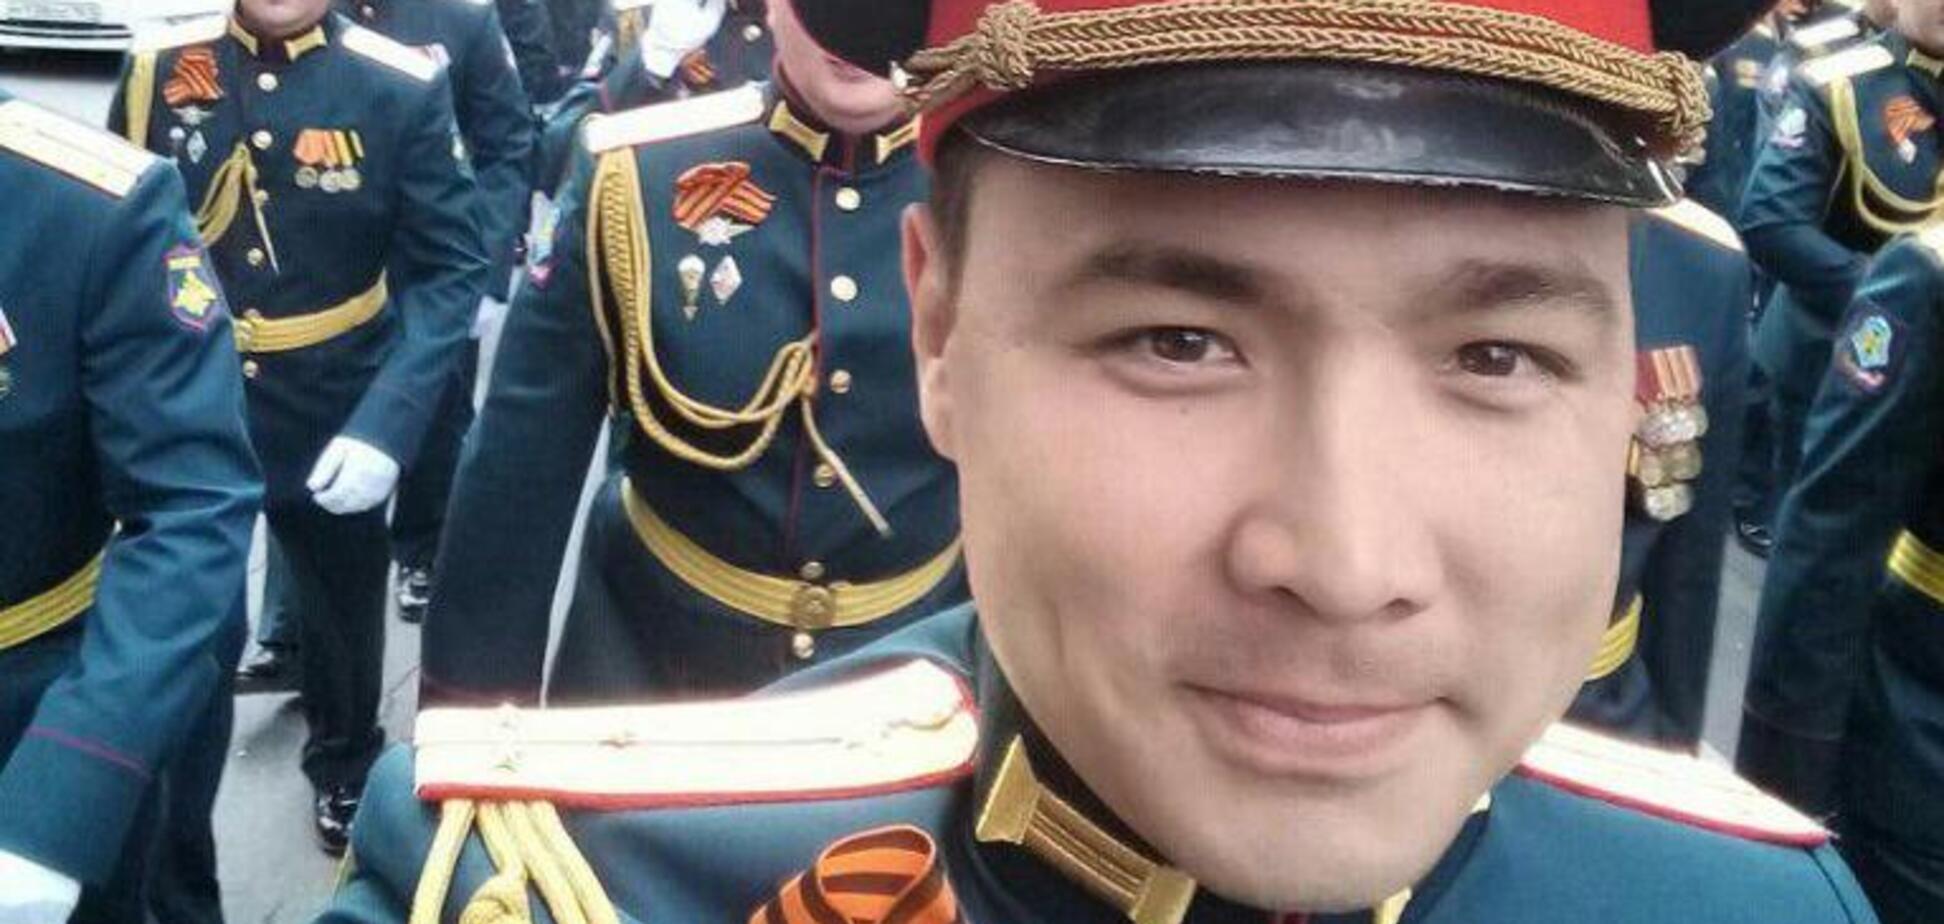 ФСБ затримала українського шпигуна: генерал пояснив тактику Києва